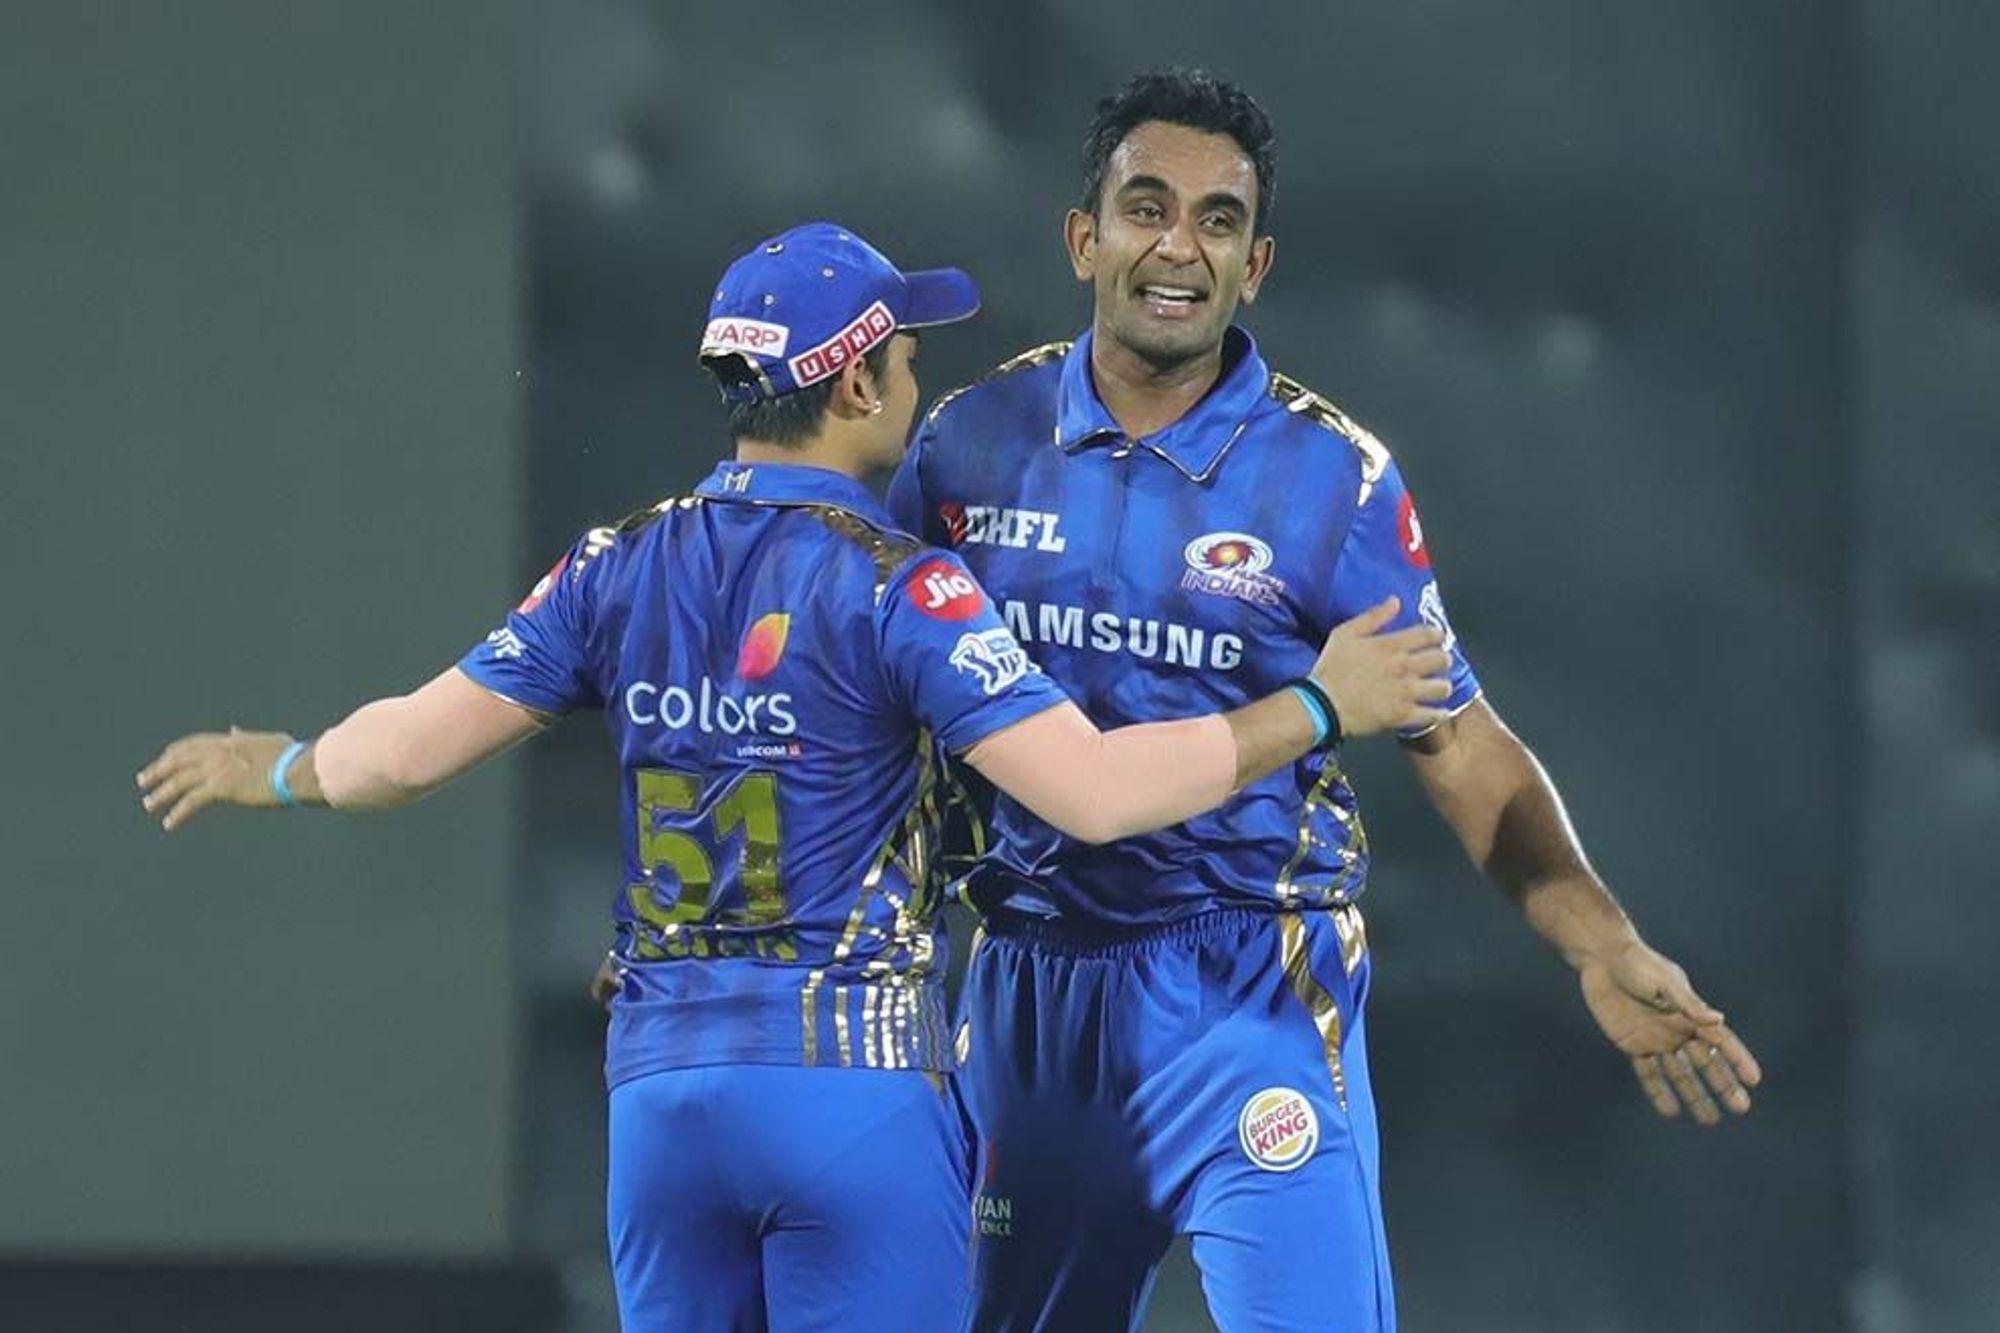 आईपीएल 2019: सचिन तेंदुलकर या जहीर खान नहीं, बल्कि इस शख्स को दिया जयंत यादव ने अपने शानदार प्रदर्शन का श्रेय 8